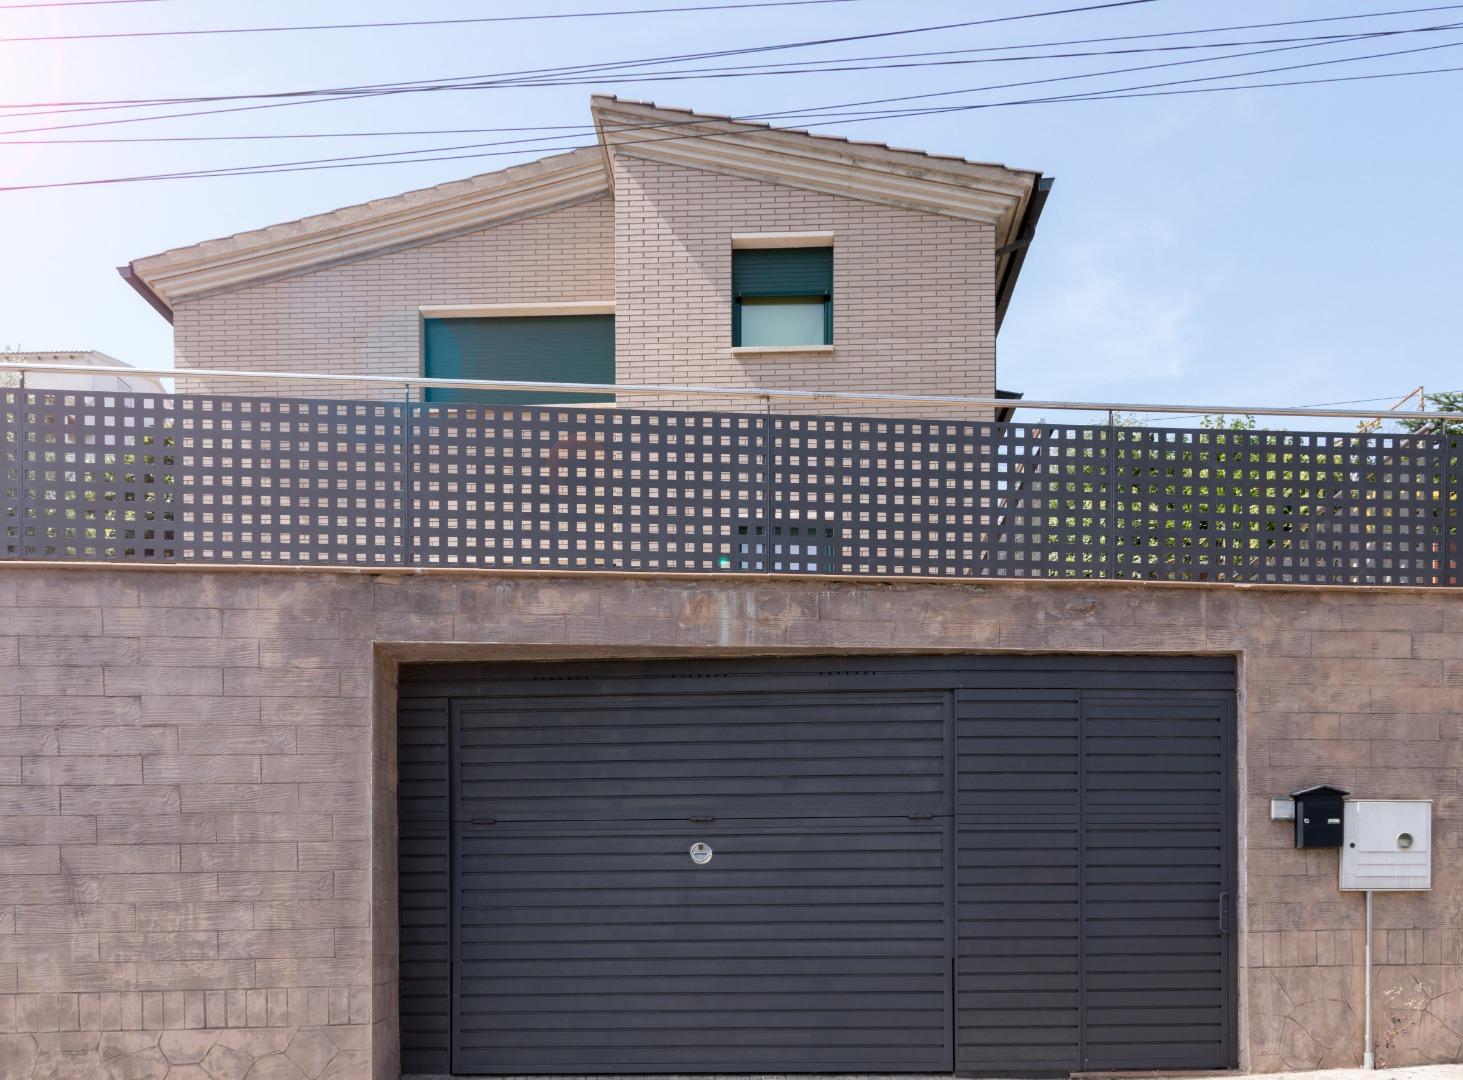 Casa  Carrer pedraforca. Ref. 1345 casa unifamiliar (construida 2005) tiene 257m² en parc